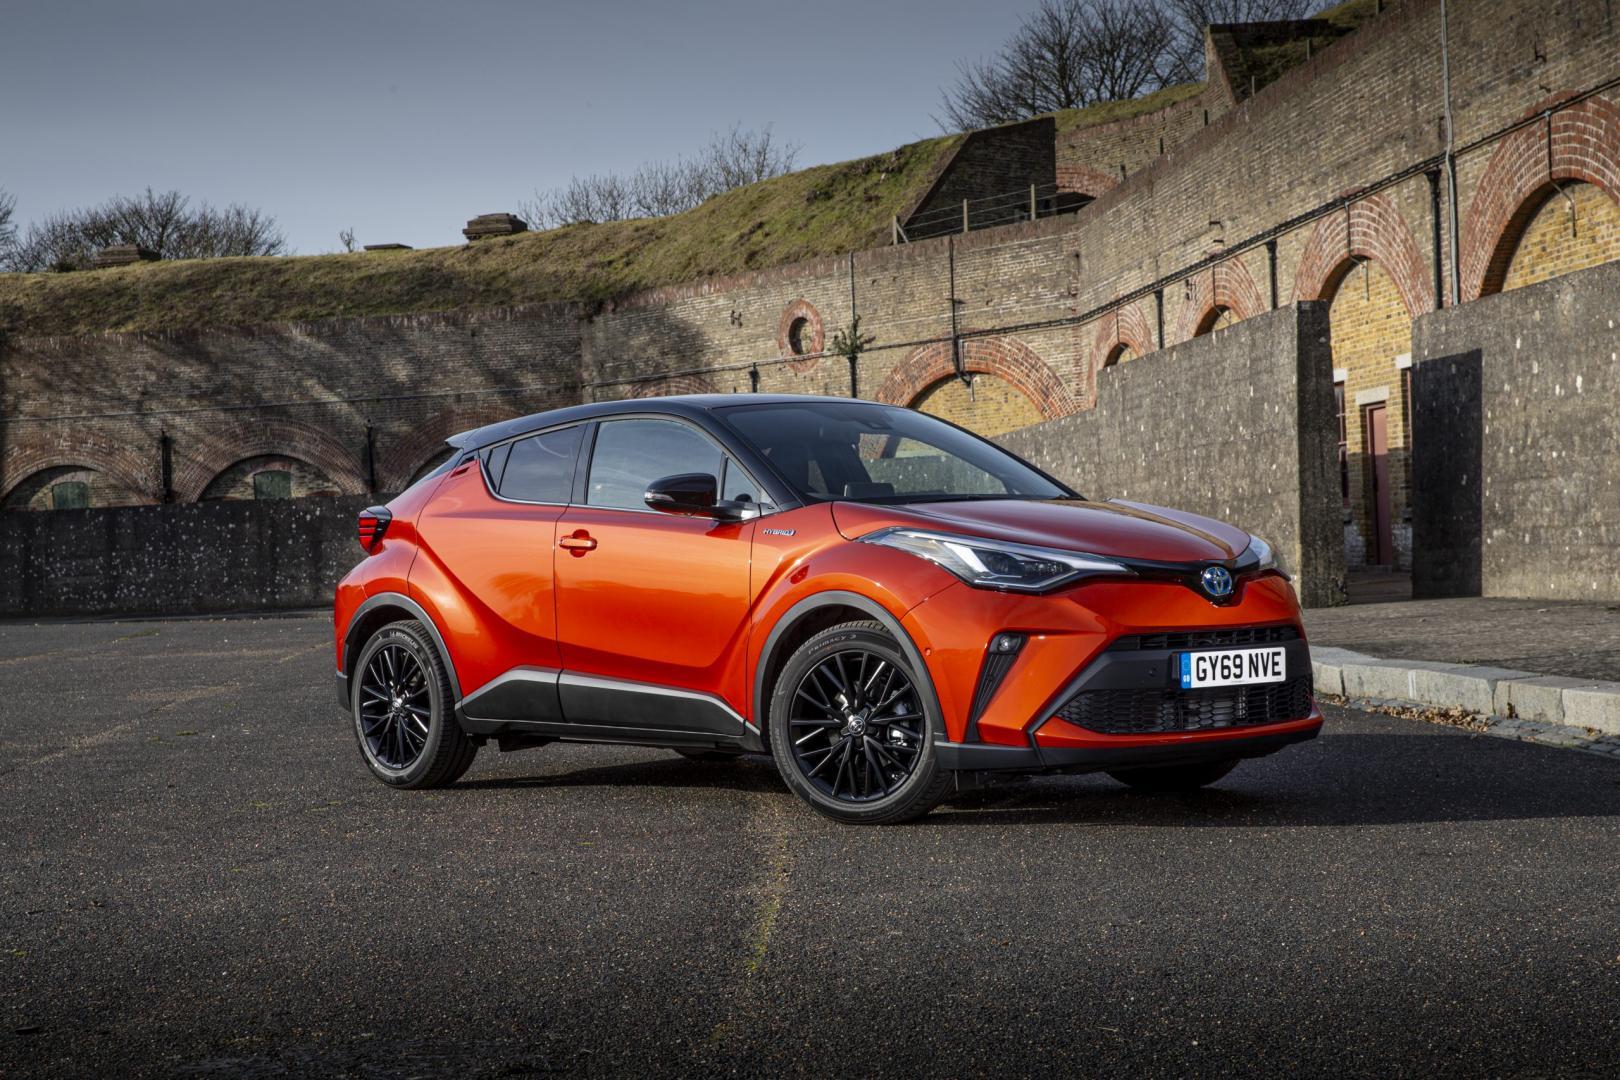 Toyota-C-HR in orange